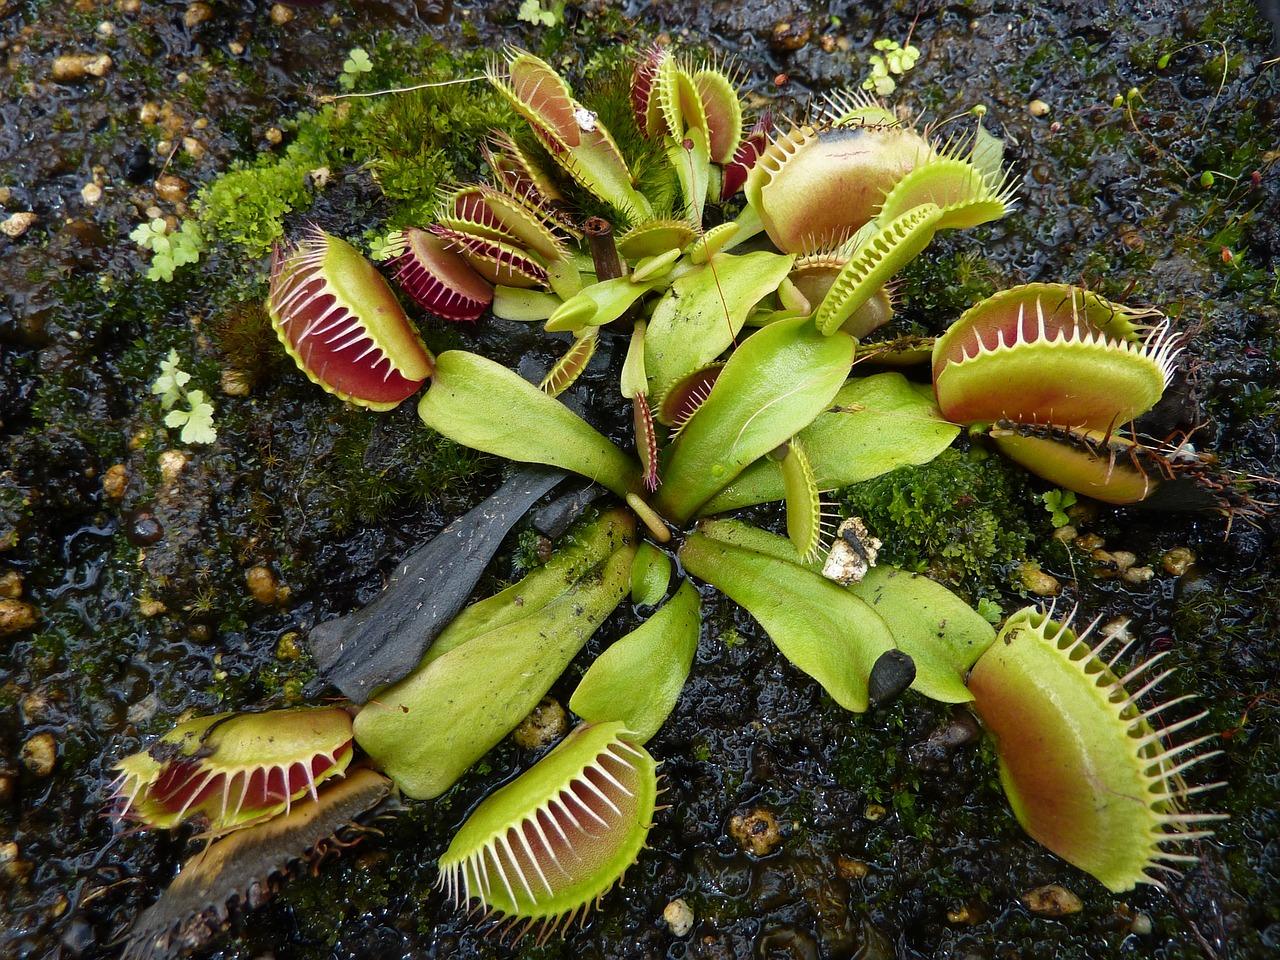 plante carnivore - mouche venus